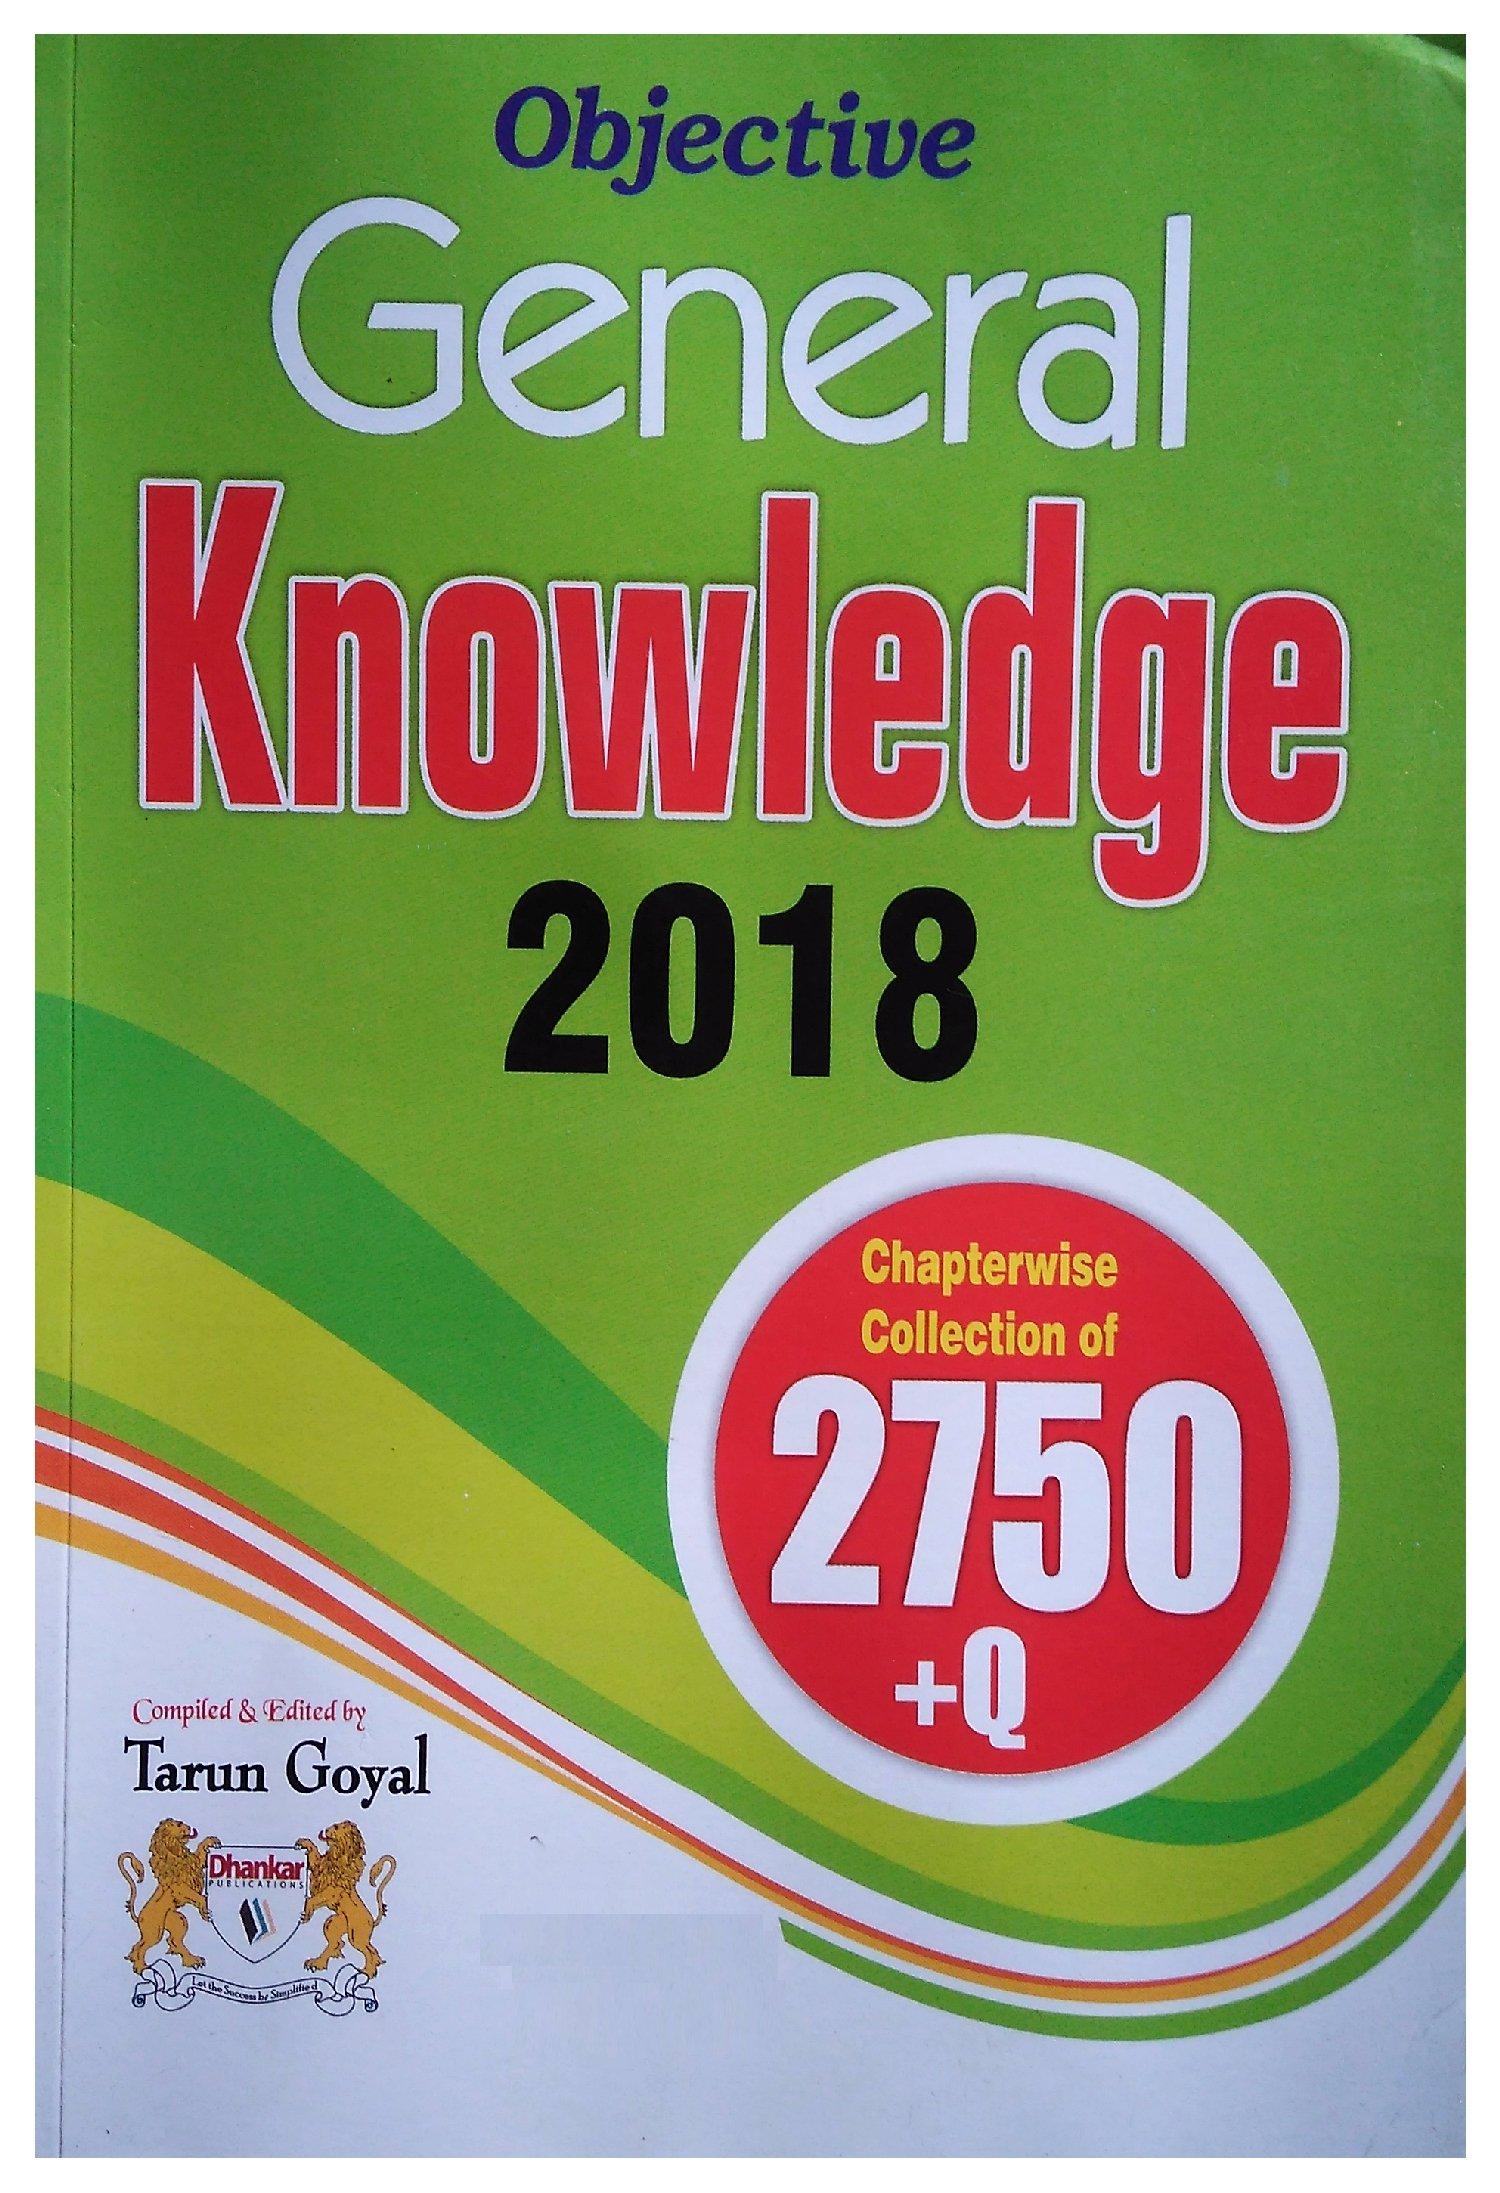 tarun goyal objective gk pdf free download